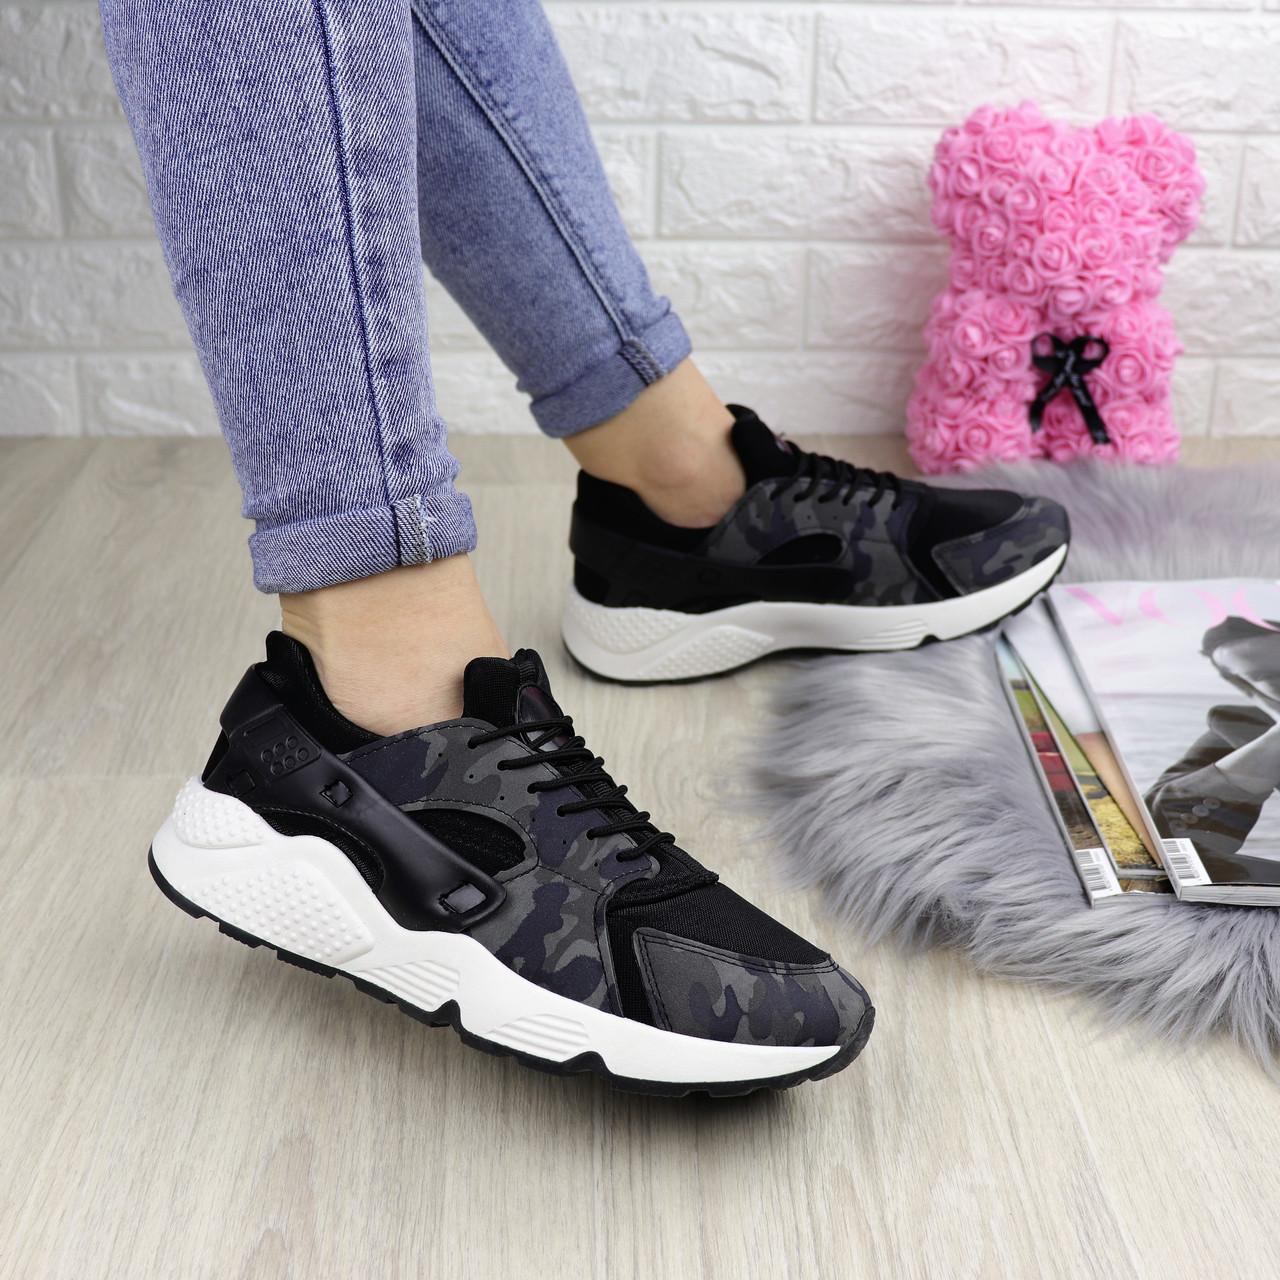 Жіночі стильні кросівки Fashion Peggy 1095 37 розмір 24 см Чорний